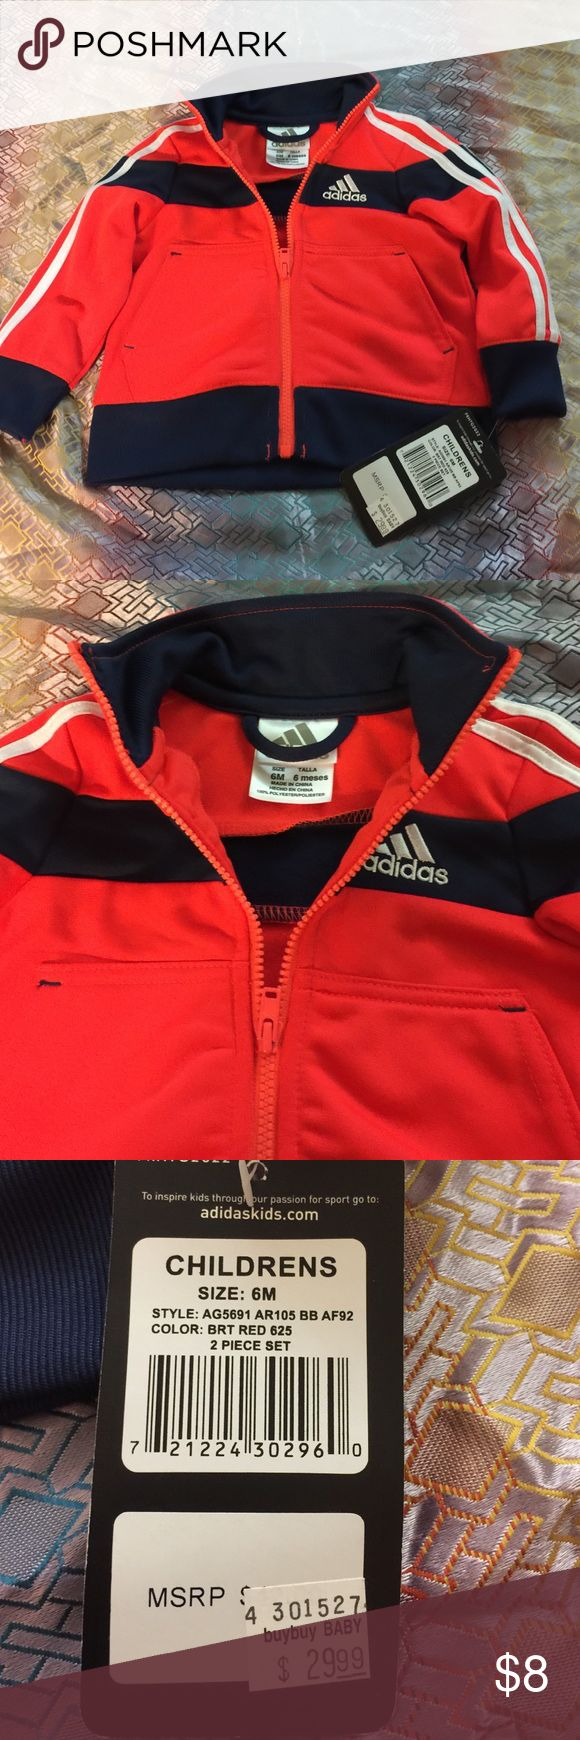 Infant sweat jacket Navy/orange sweat suit jacket for infant Adidas Jackets & Coats